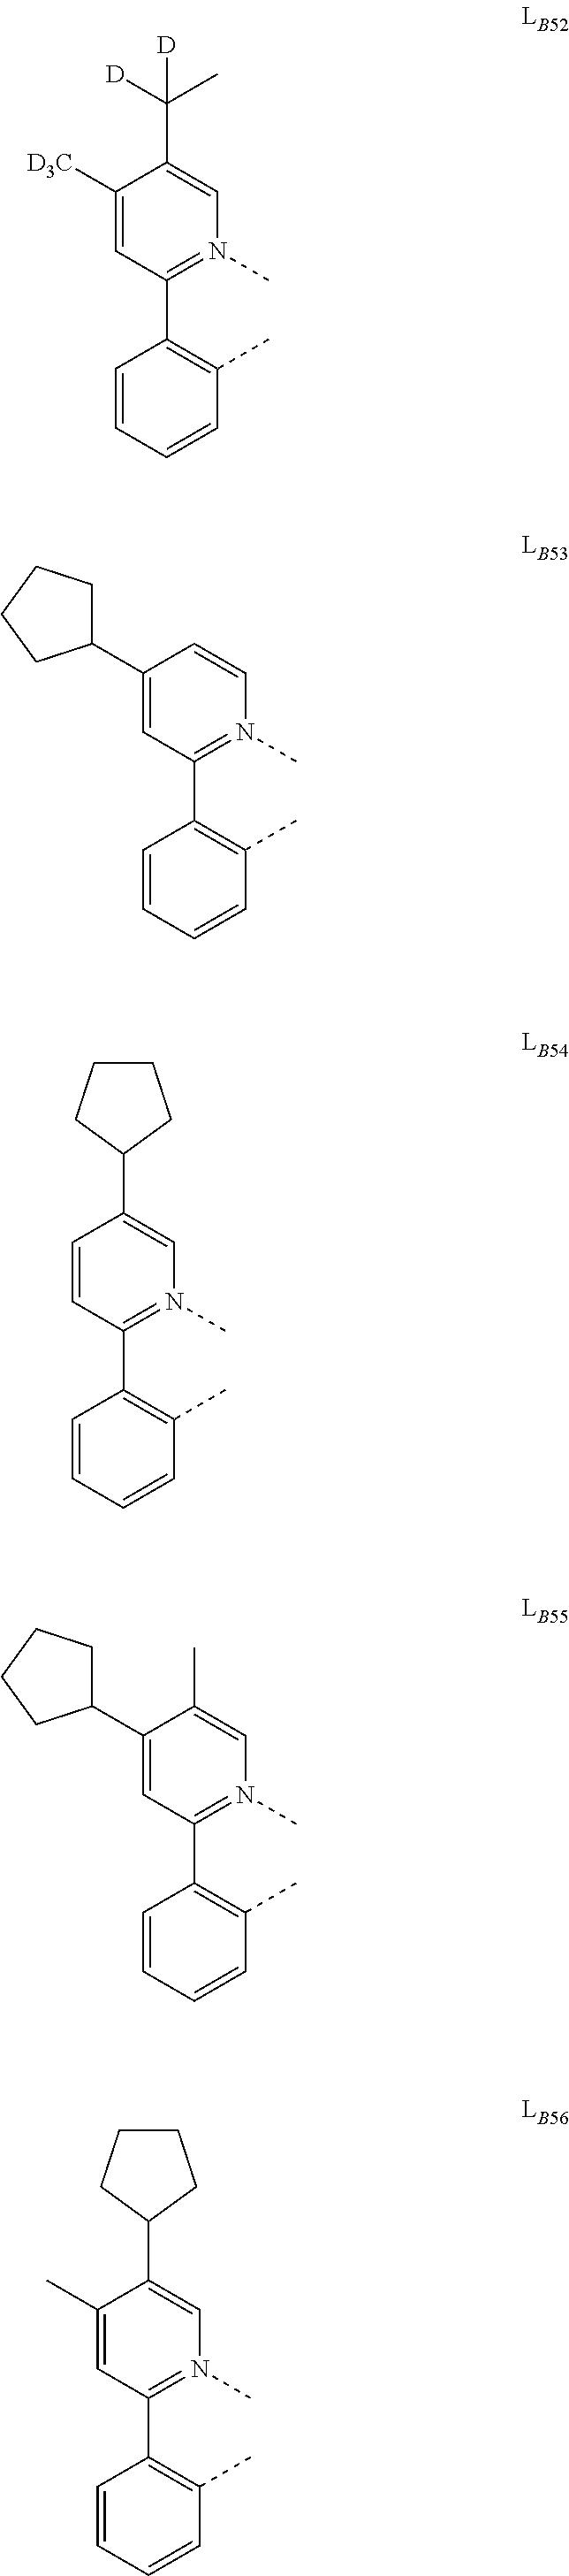 Figure US09929360-20180327-C00047